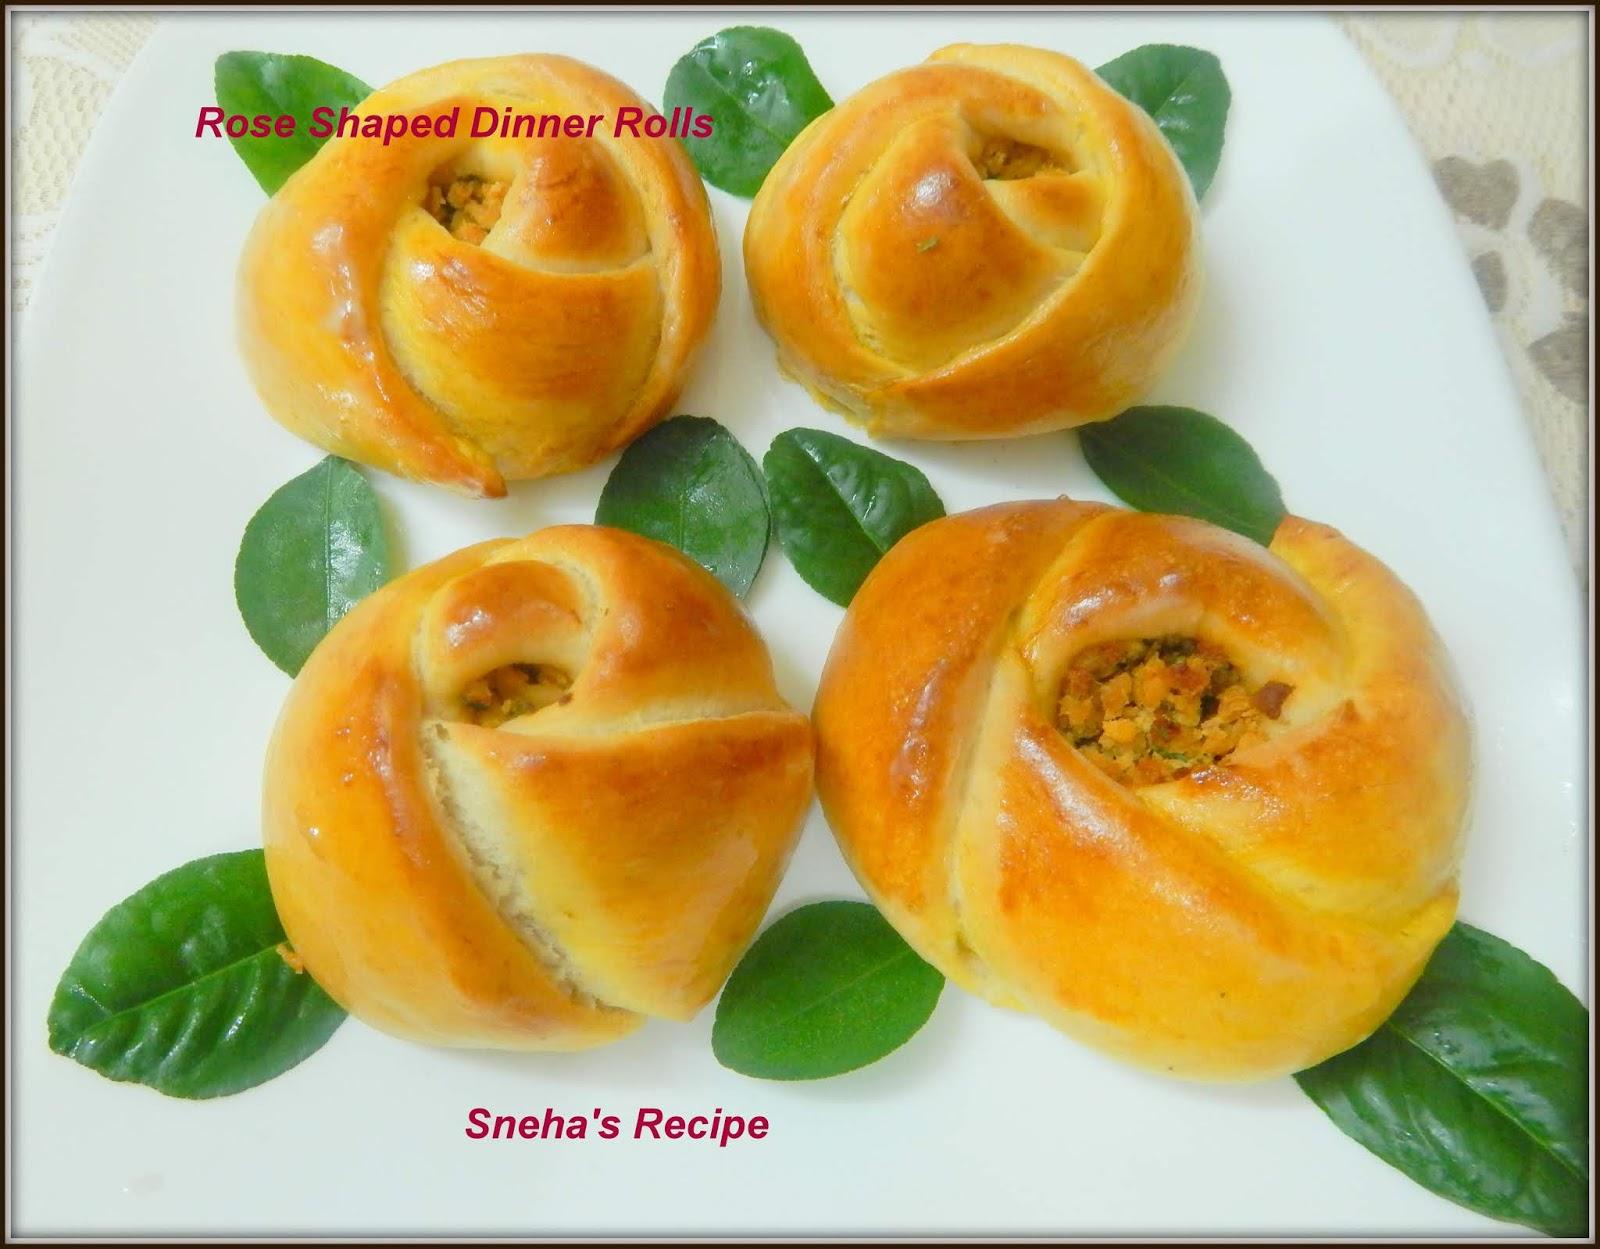 Rose Shaped Dinner Rolls Turkish Pogaca Pastry Breadbakers Sneha S Recipe